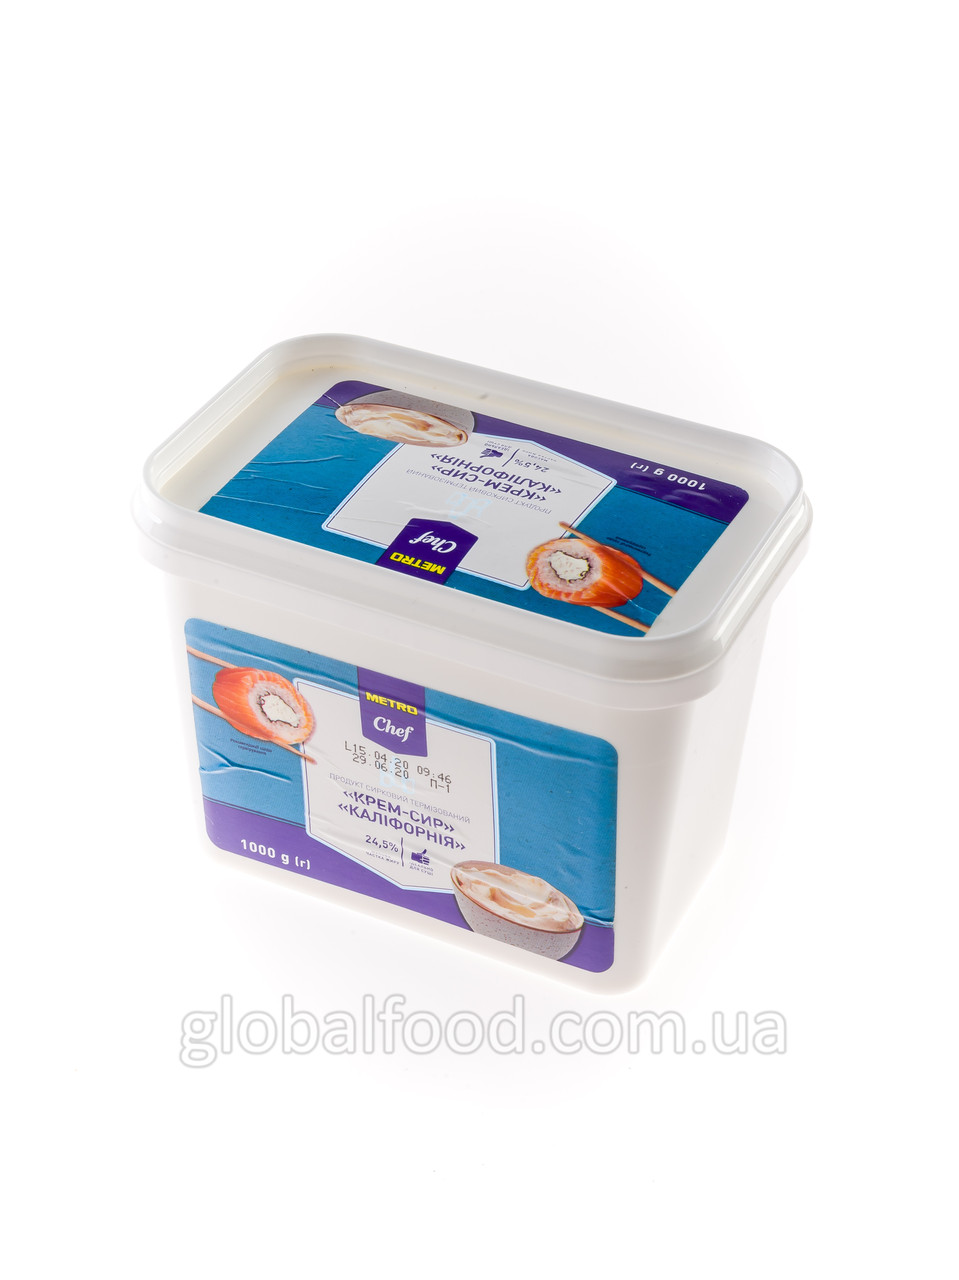 Сыр сливочный Metro Chef 1кг